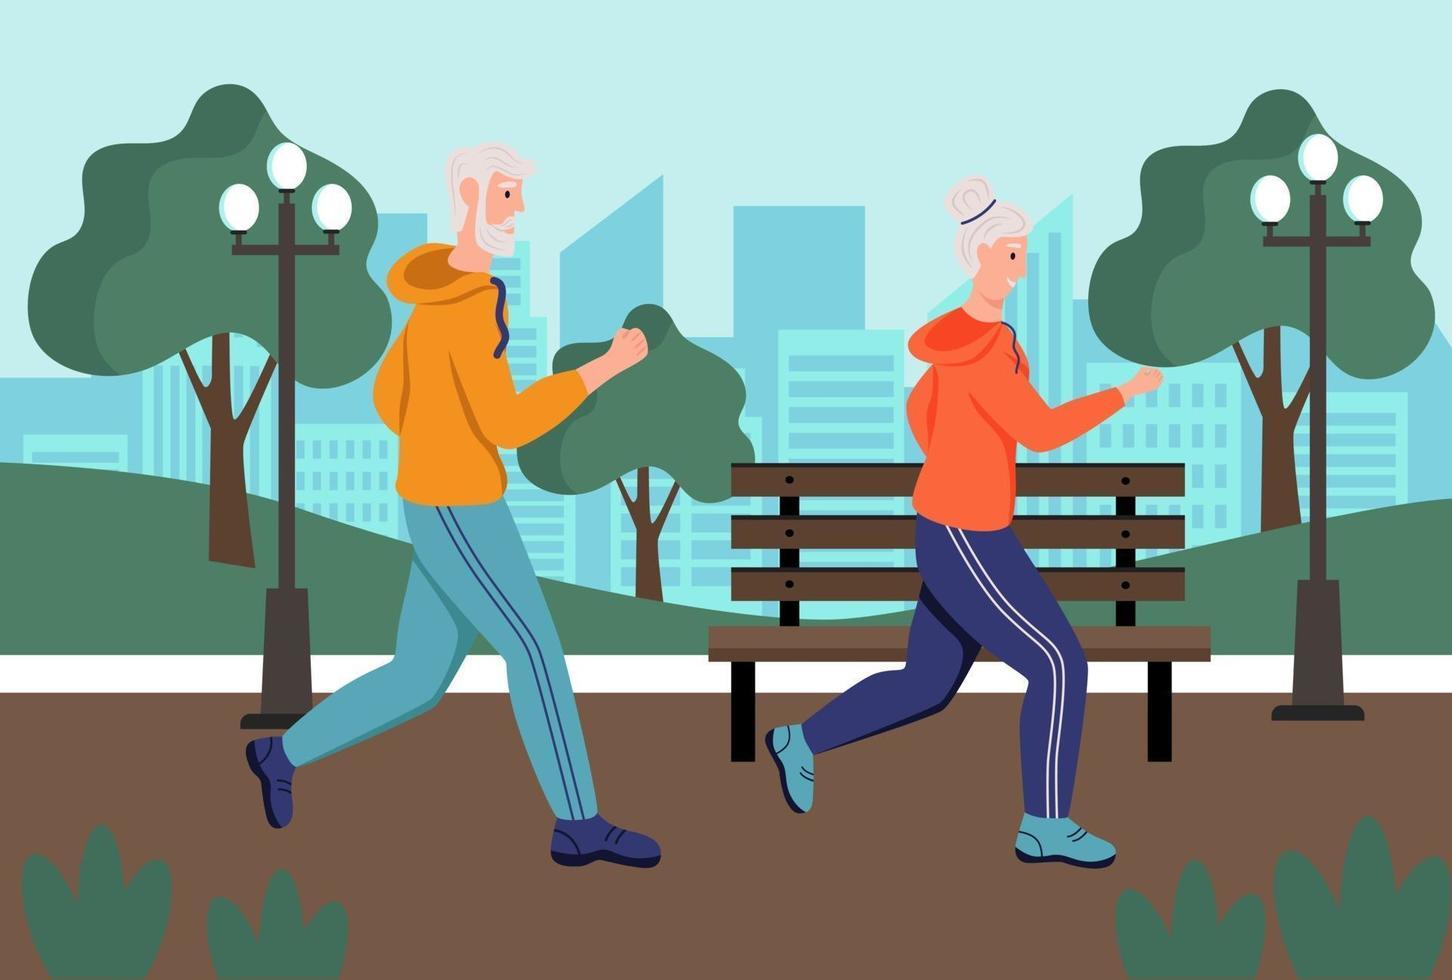 een ouder echtpaar rent in het park. het concept van actieve ouderdom, sport en hardlopen. dag van de ouderen. platte cartoon vectorillustratie. vector